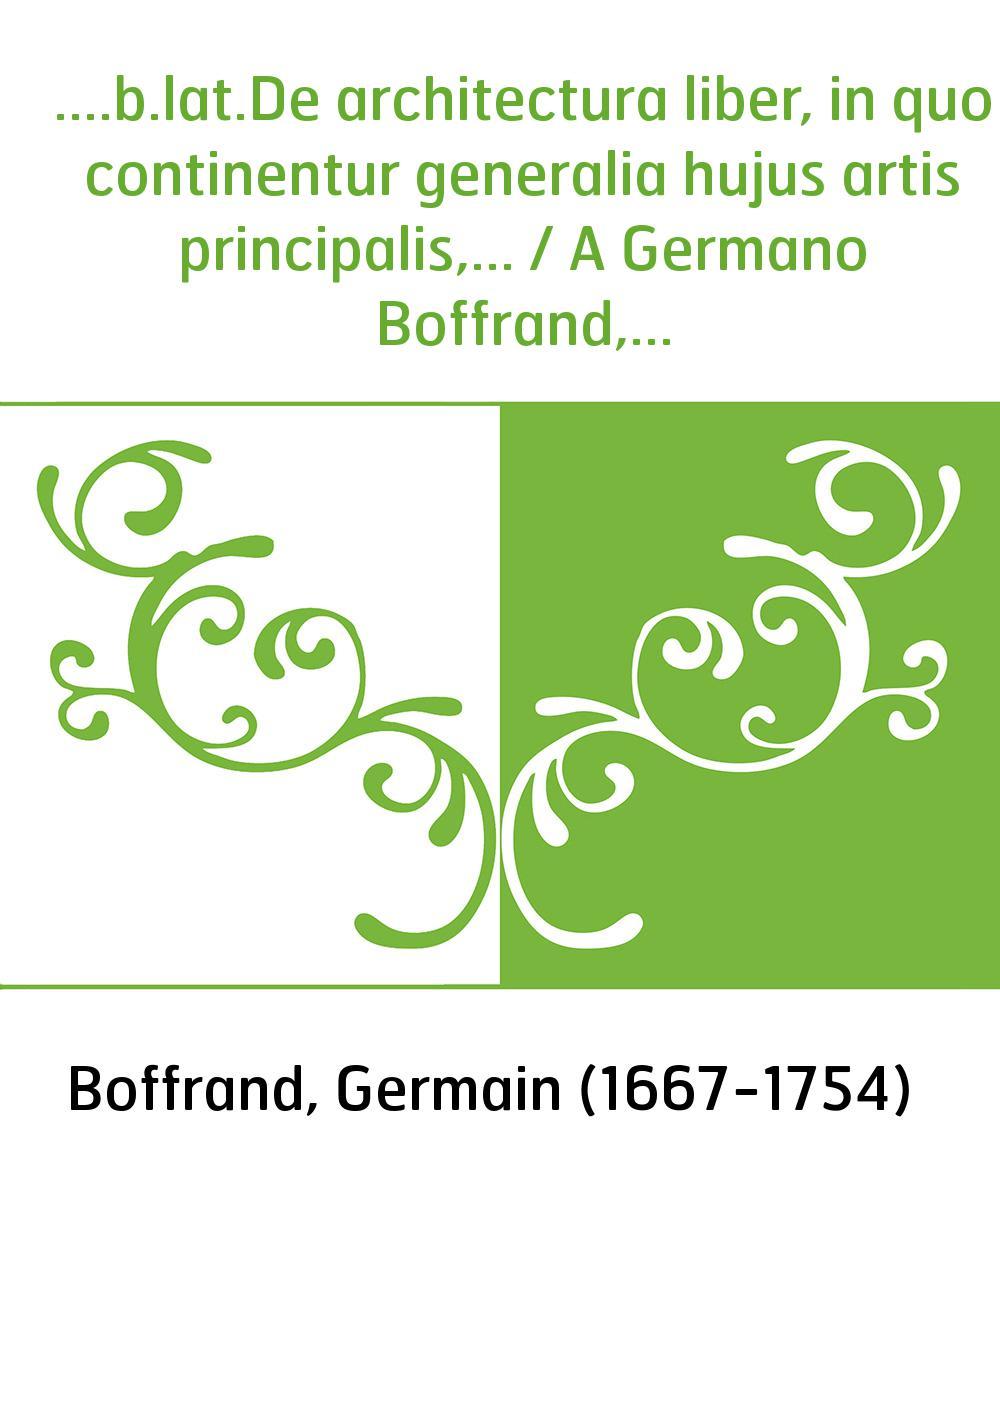 ....b.lat.De architectura liber, in quo continentur generalia hujus artis principalis,... / A Germano Boffrand,...